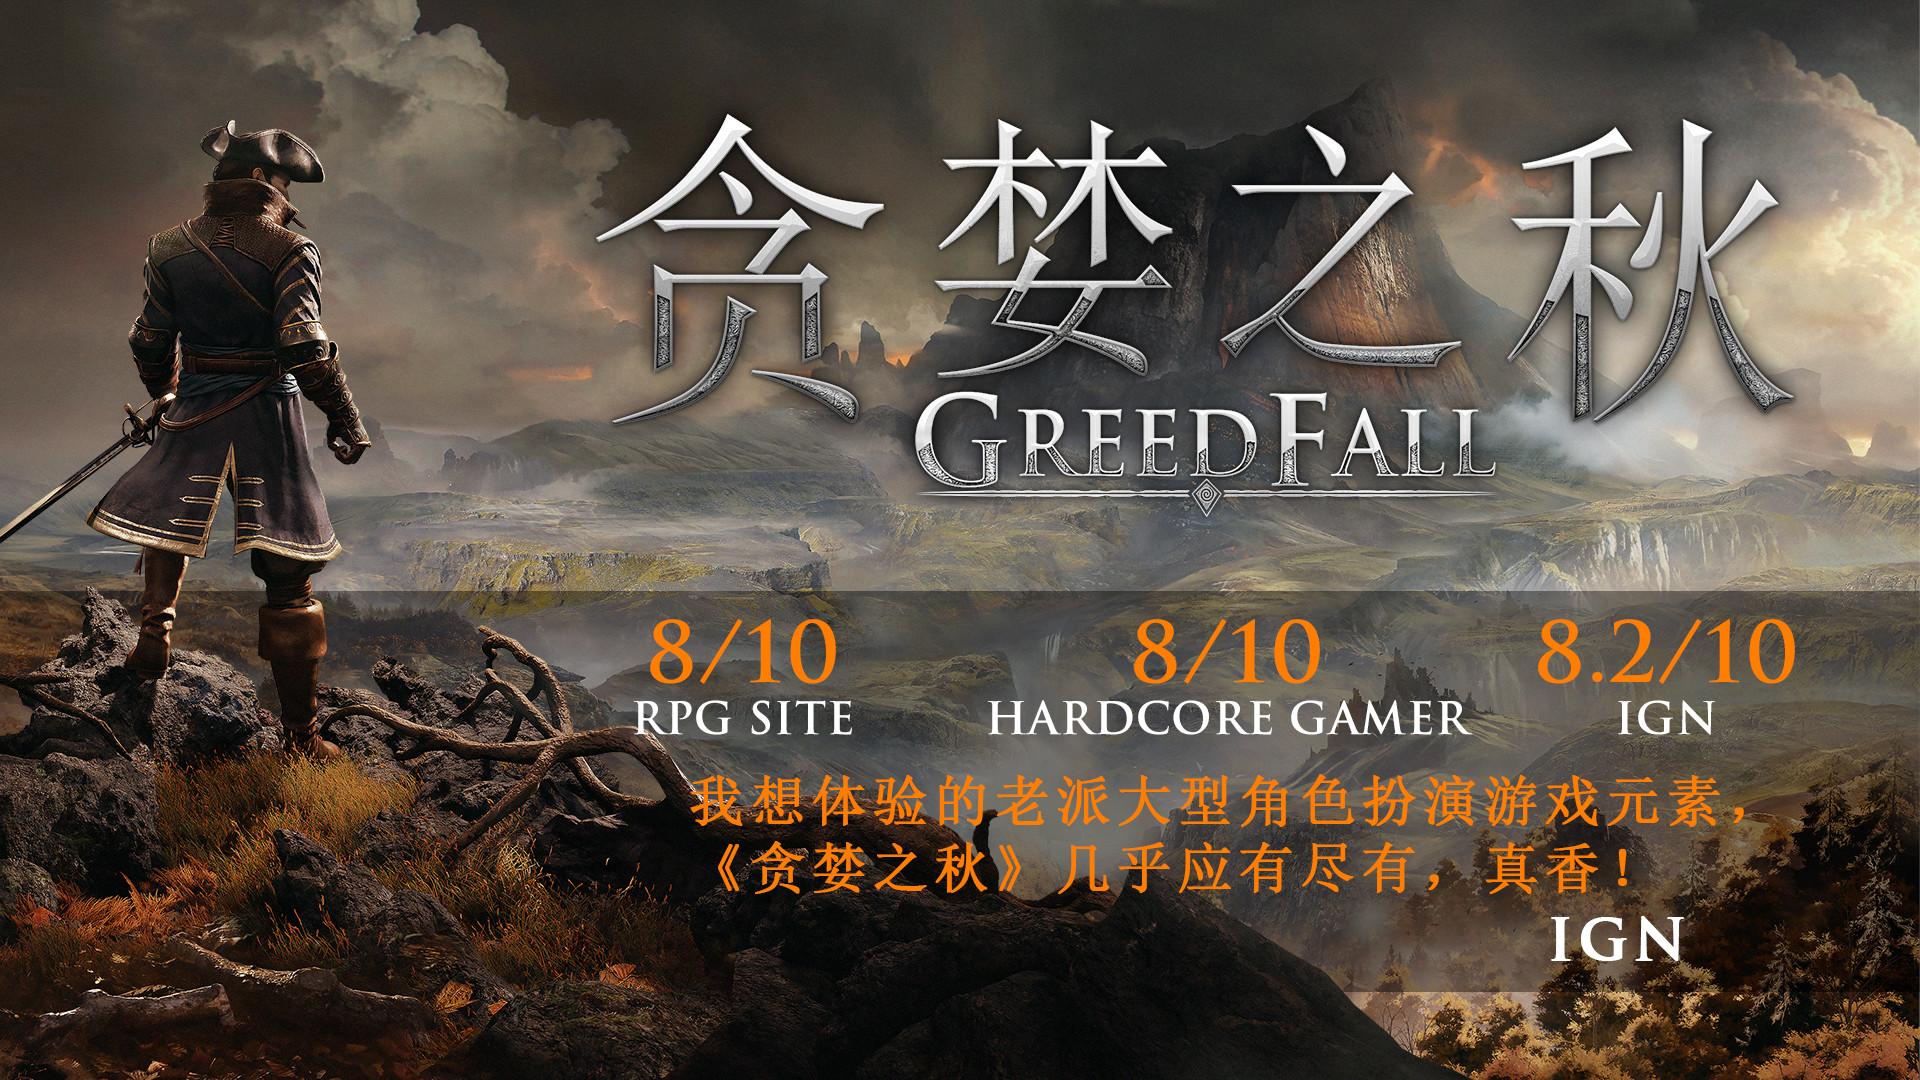 开放世界RPG《贪婪之秋》Steam新史低促销 国区94元